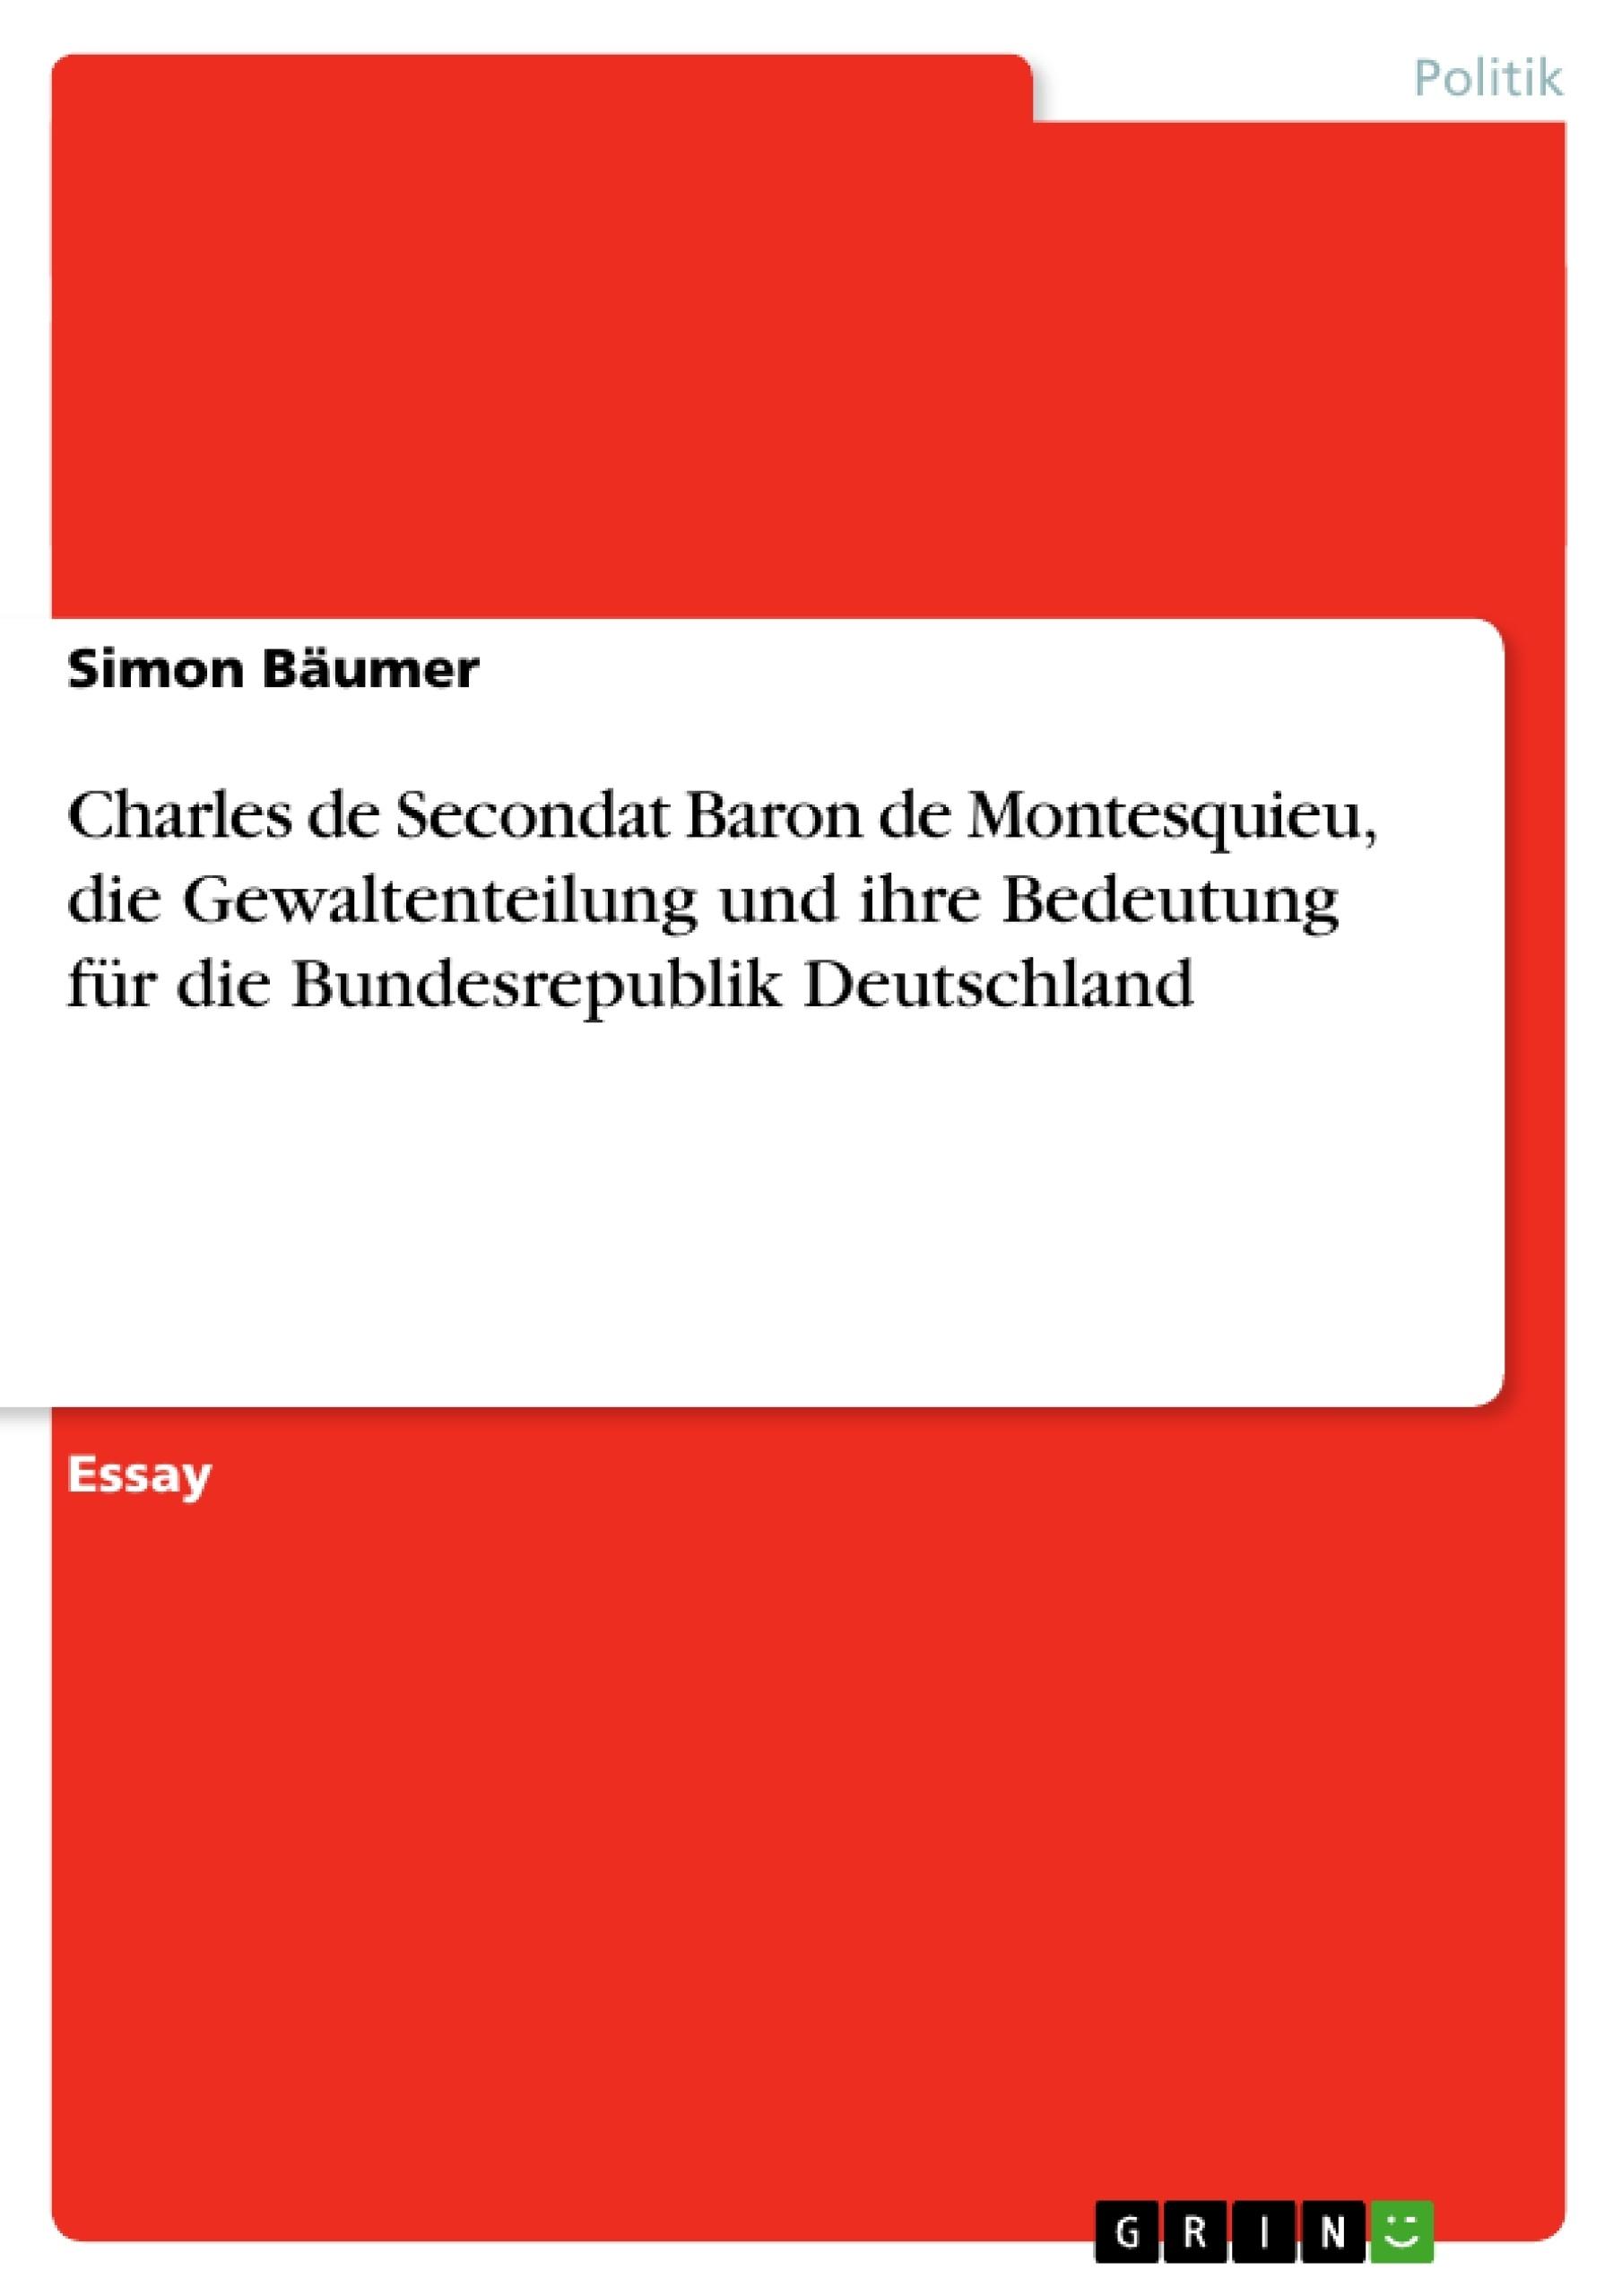 Titel: Charles de Secondat Baron de Montesquieu, die Gewaltenteilung und ihre Bedeutung für die Bundesrepublik Deutschland